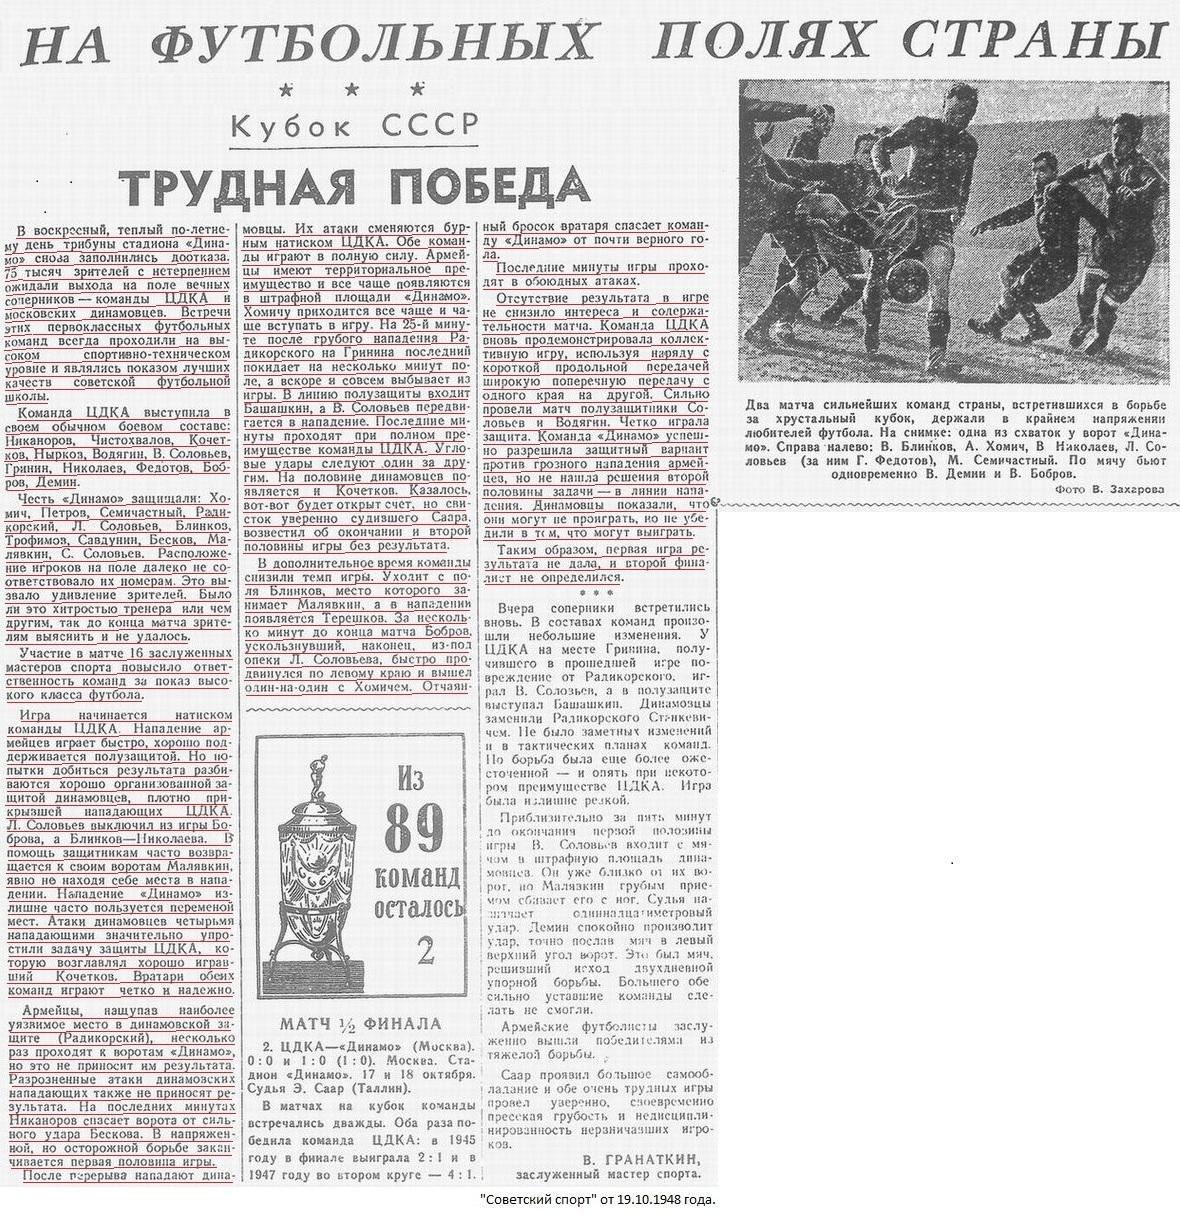 ЦДКА (Москва) - Динамо (Москва) 0:0 д.в.. Нажмите, чтобы посмотреть истинный размер рисунка